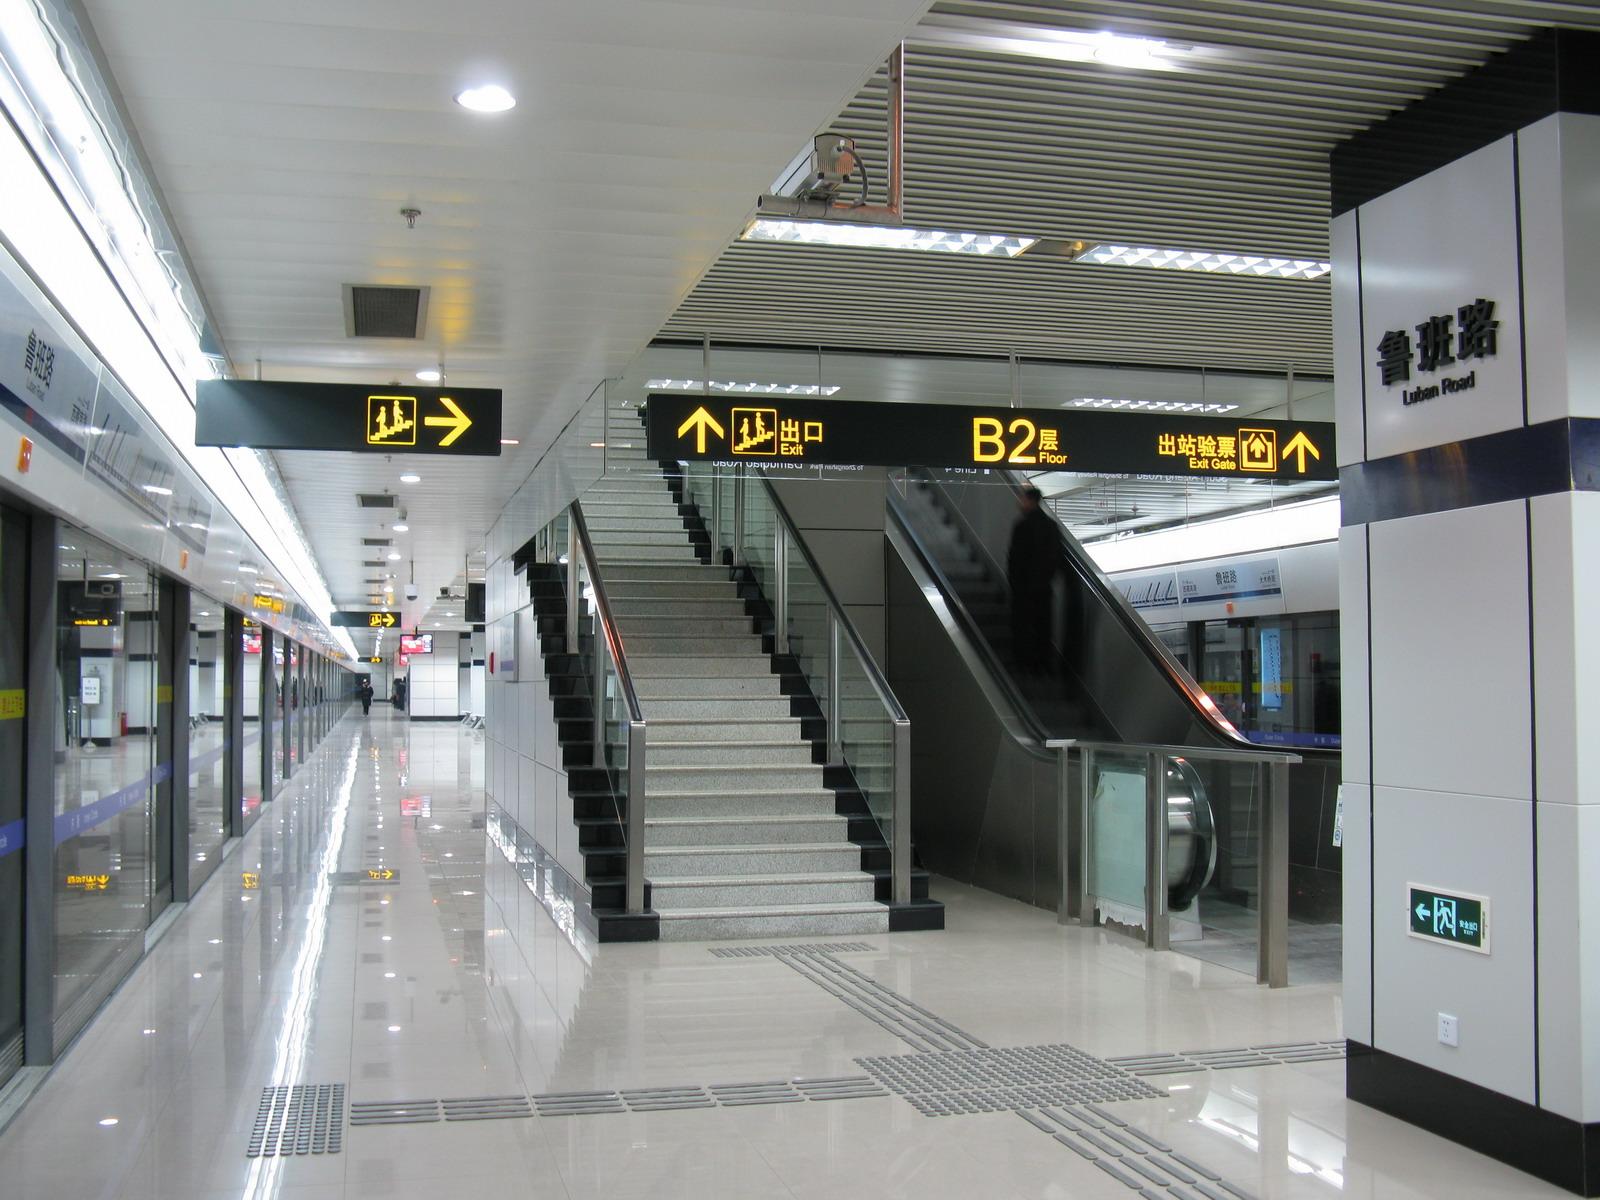 魯班路駅 (上海市)